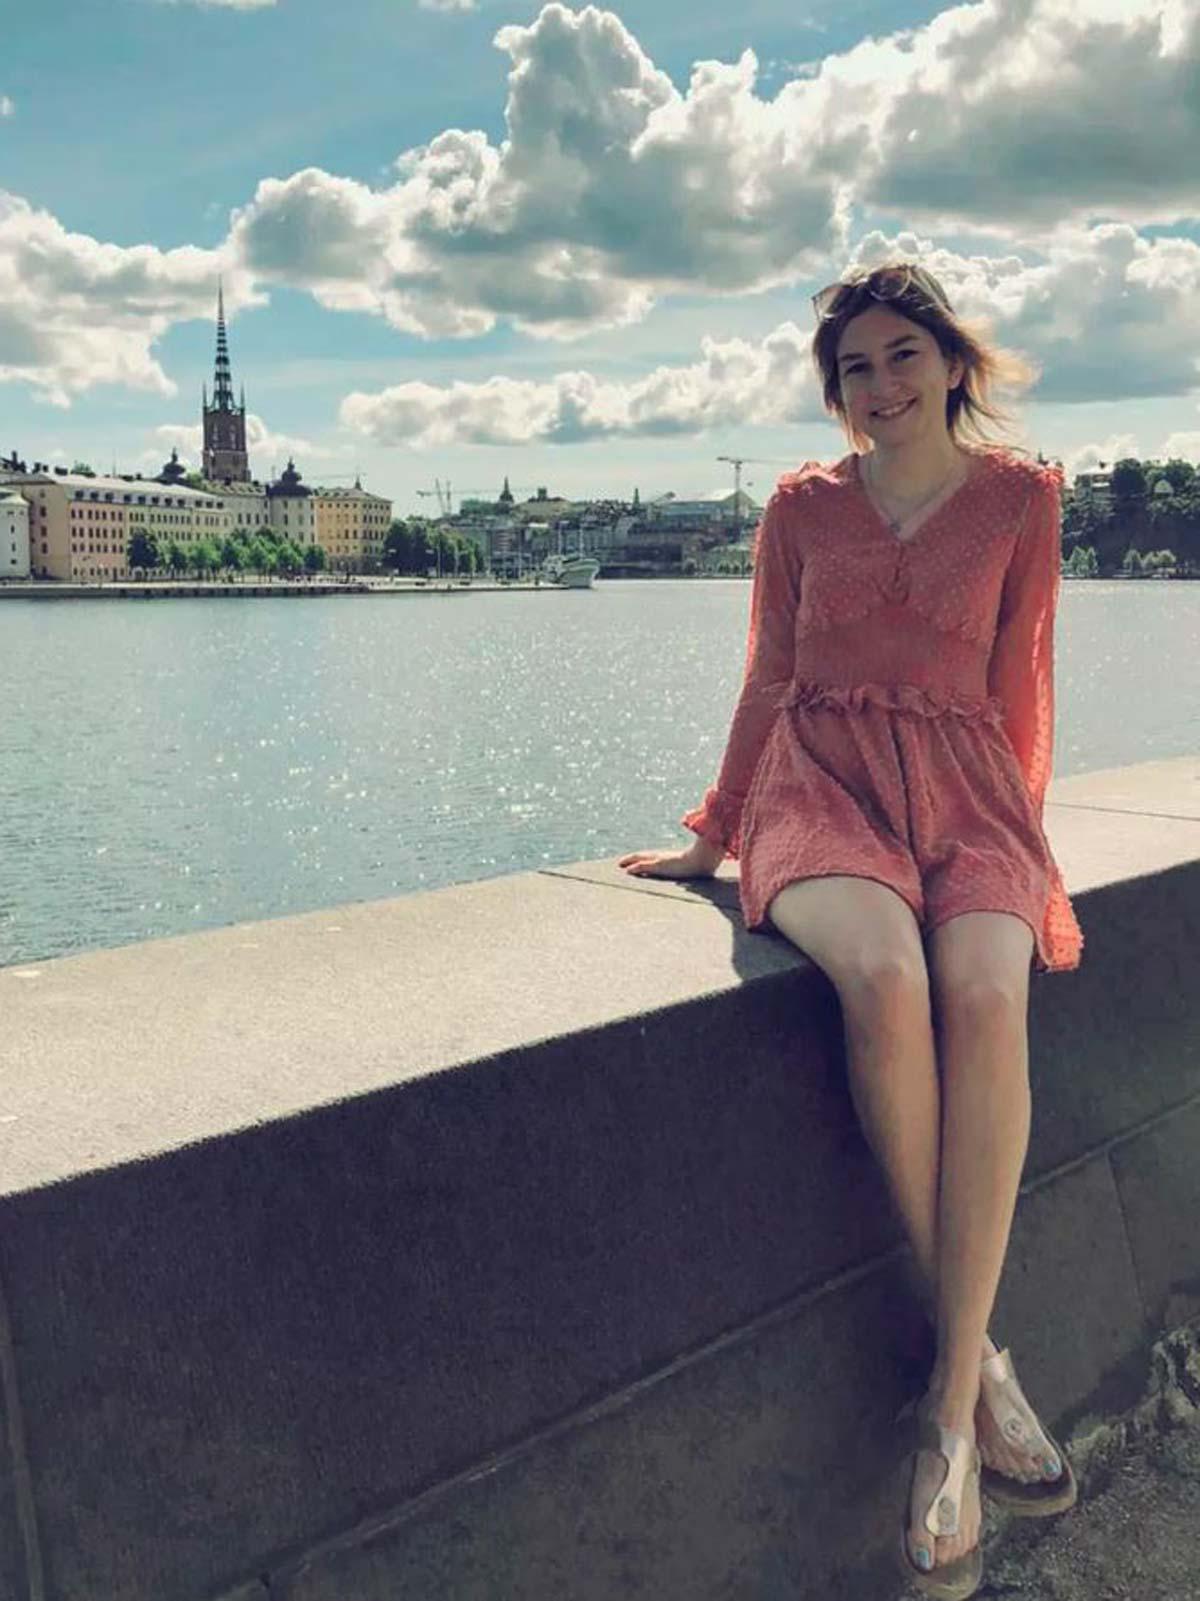 Stockholm Insel Riddarholmen